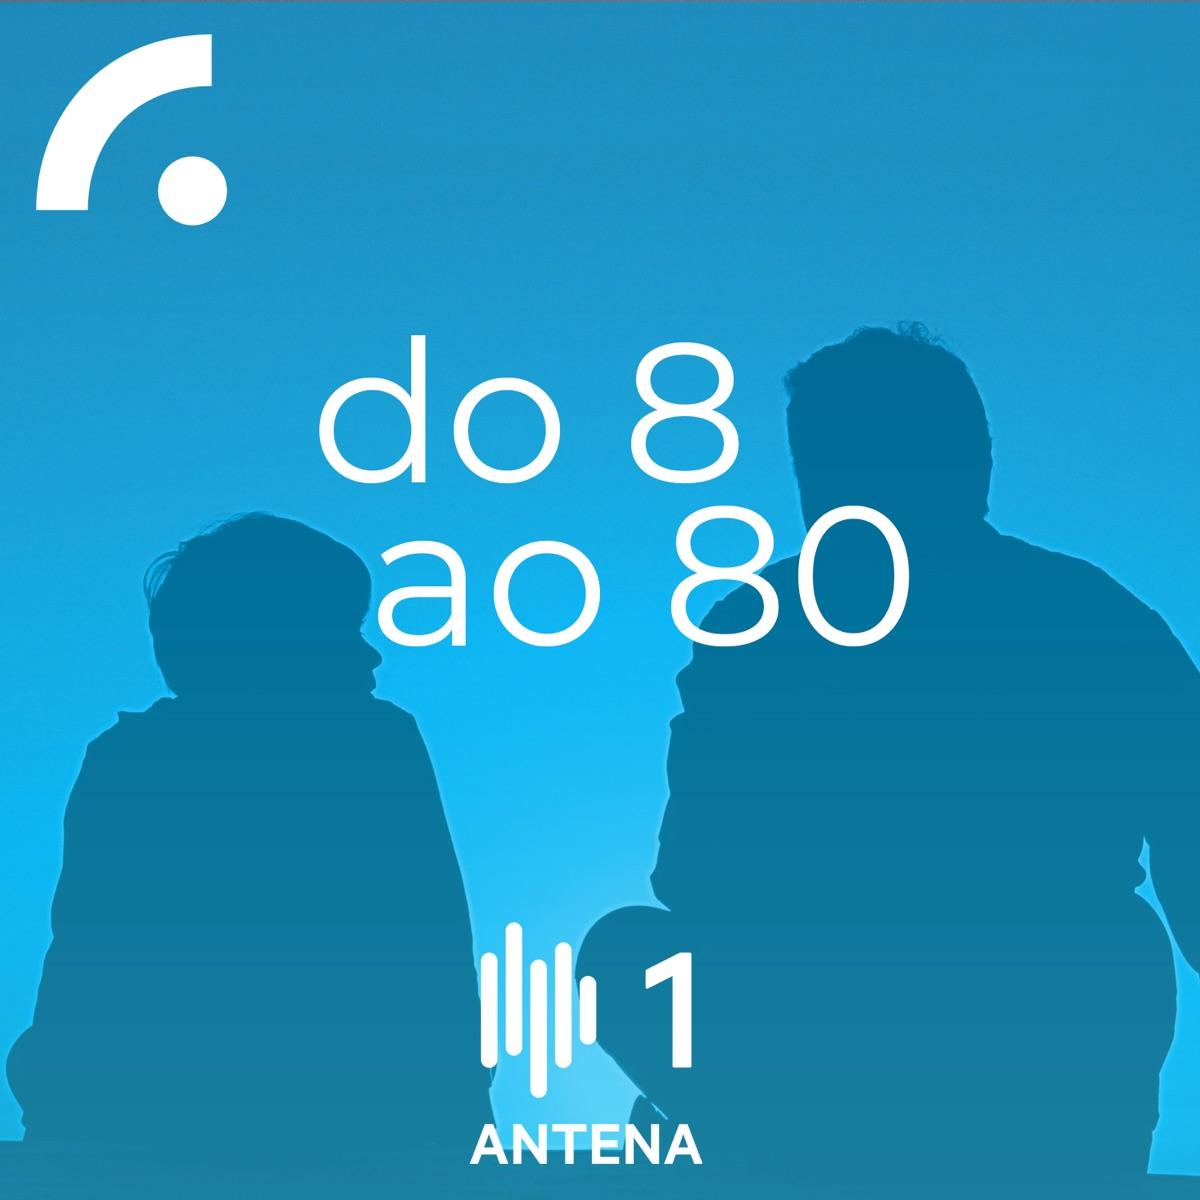 Episódio 51 - Hoje com Rodrigo Blaas, Michael Haneke, Carlos Ruiz Zafón e Primal Scream. Em casa, pai e filho partilham o que vêem, ouvem e lêem